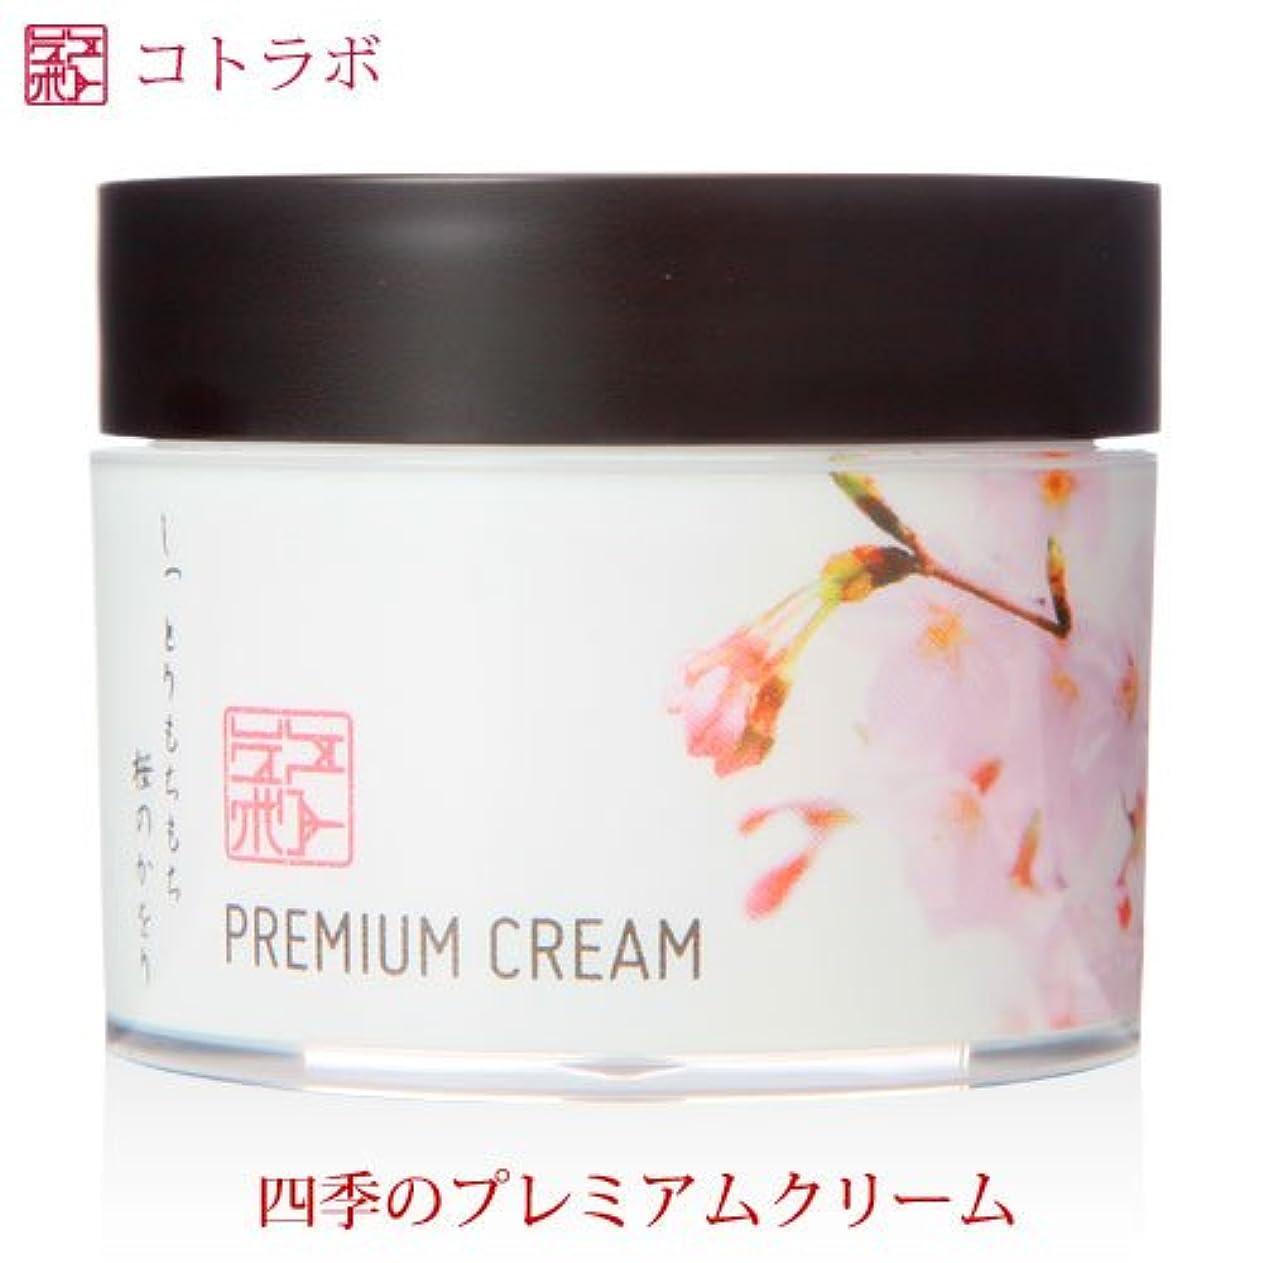 収穫かすれた男らしさコトラボ 四季のプレミアムクリーム春桜の香り50g